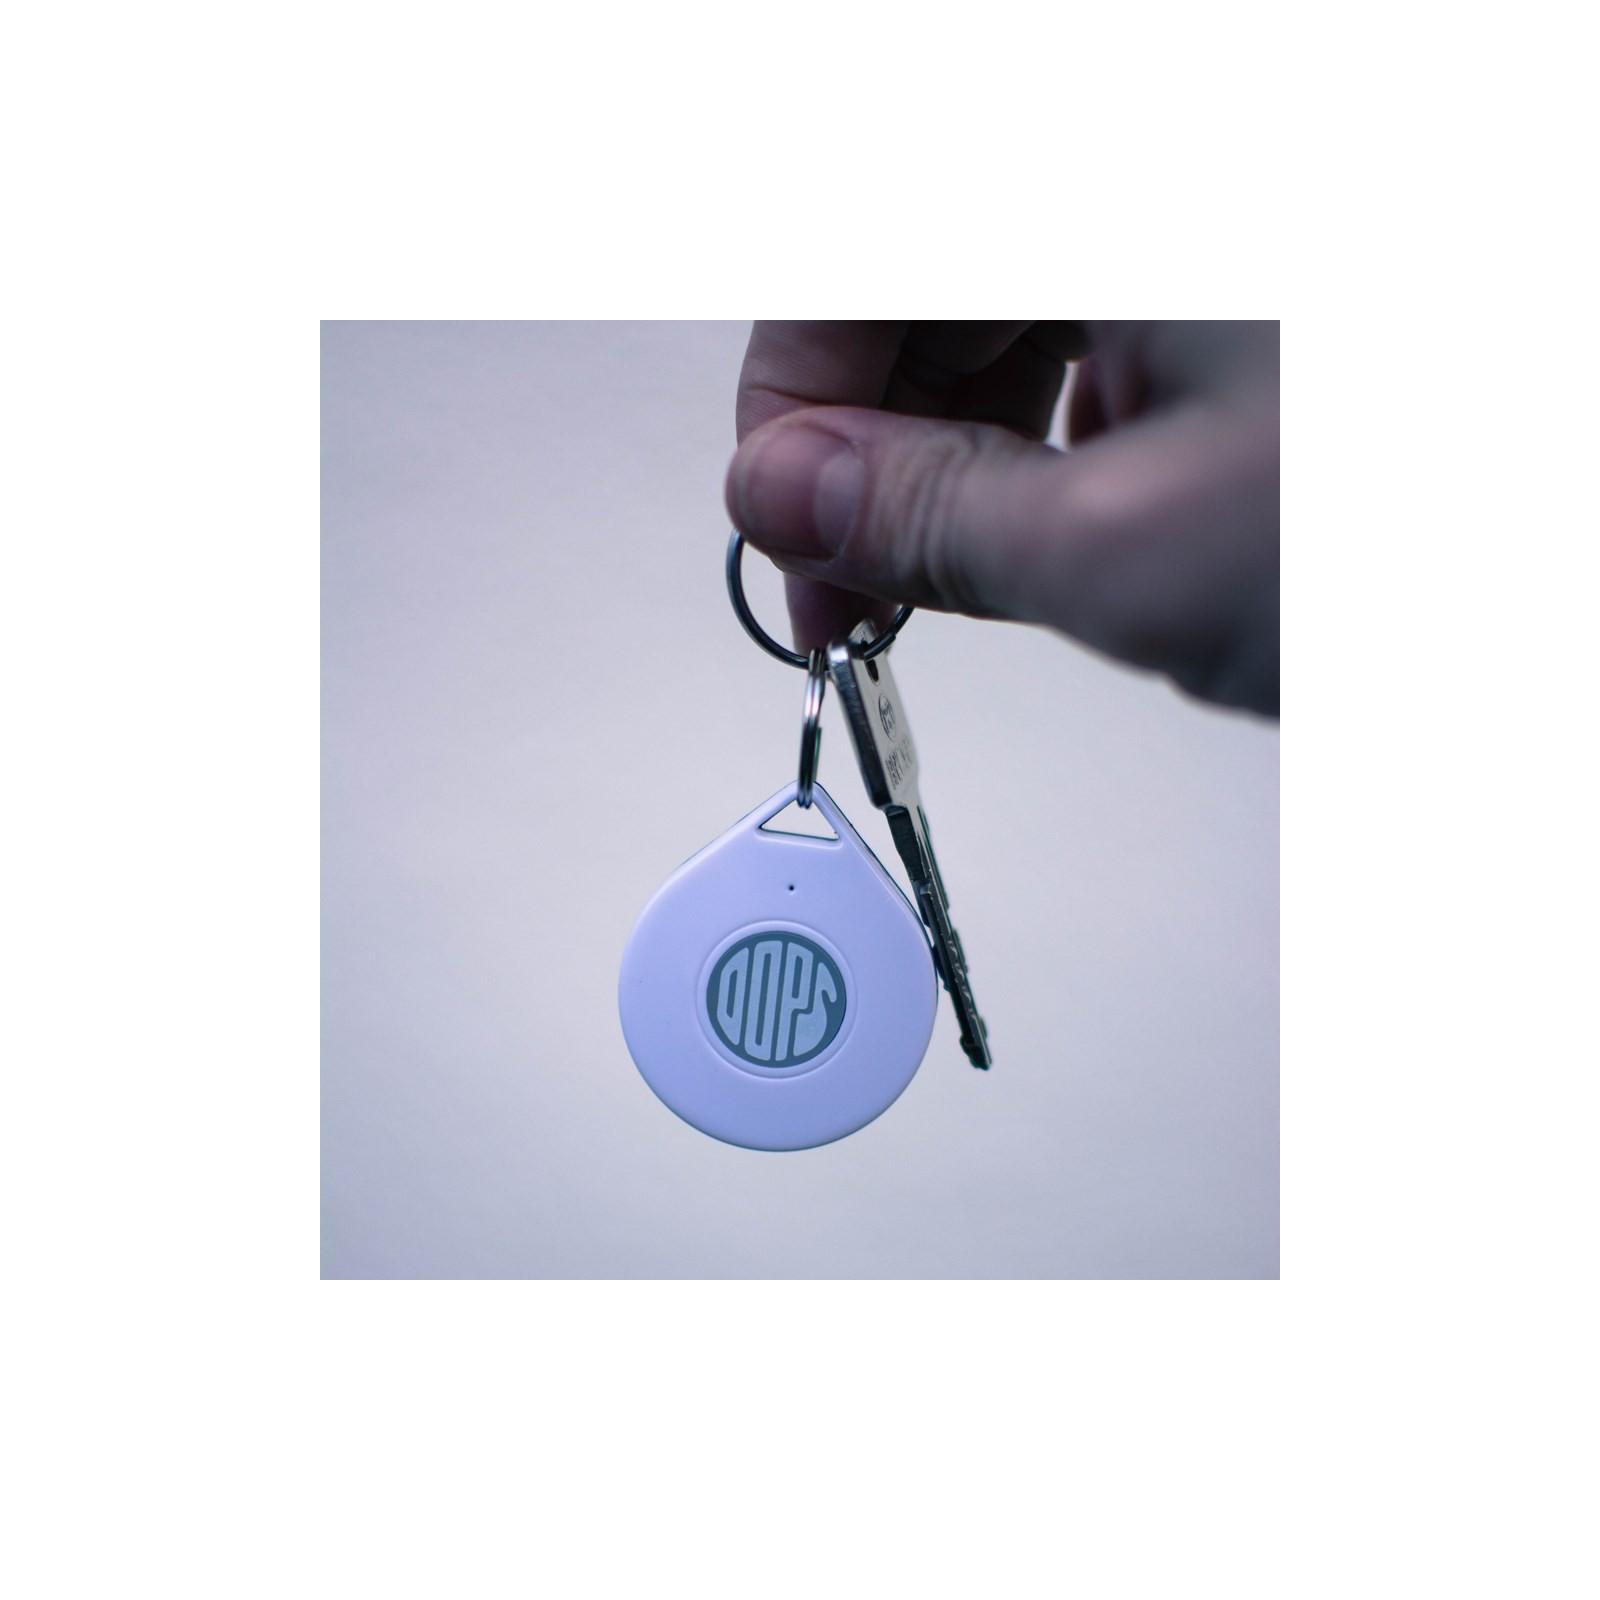 Porte Clés Connecté Arne Concept - Porte clé connecté